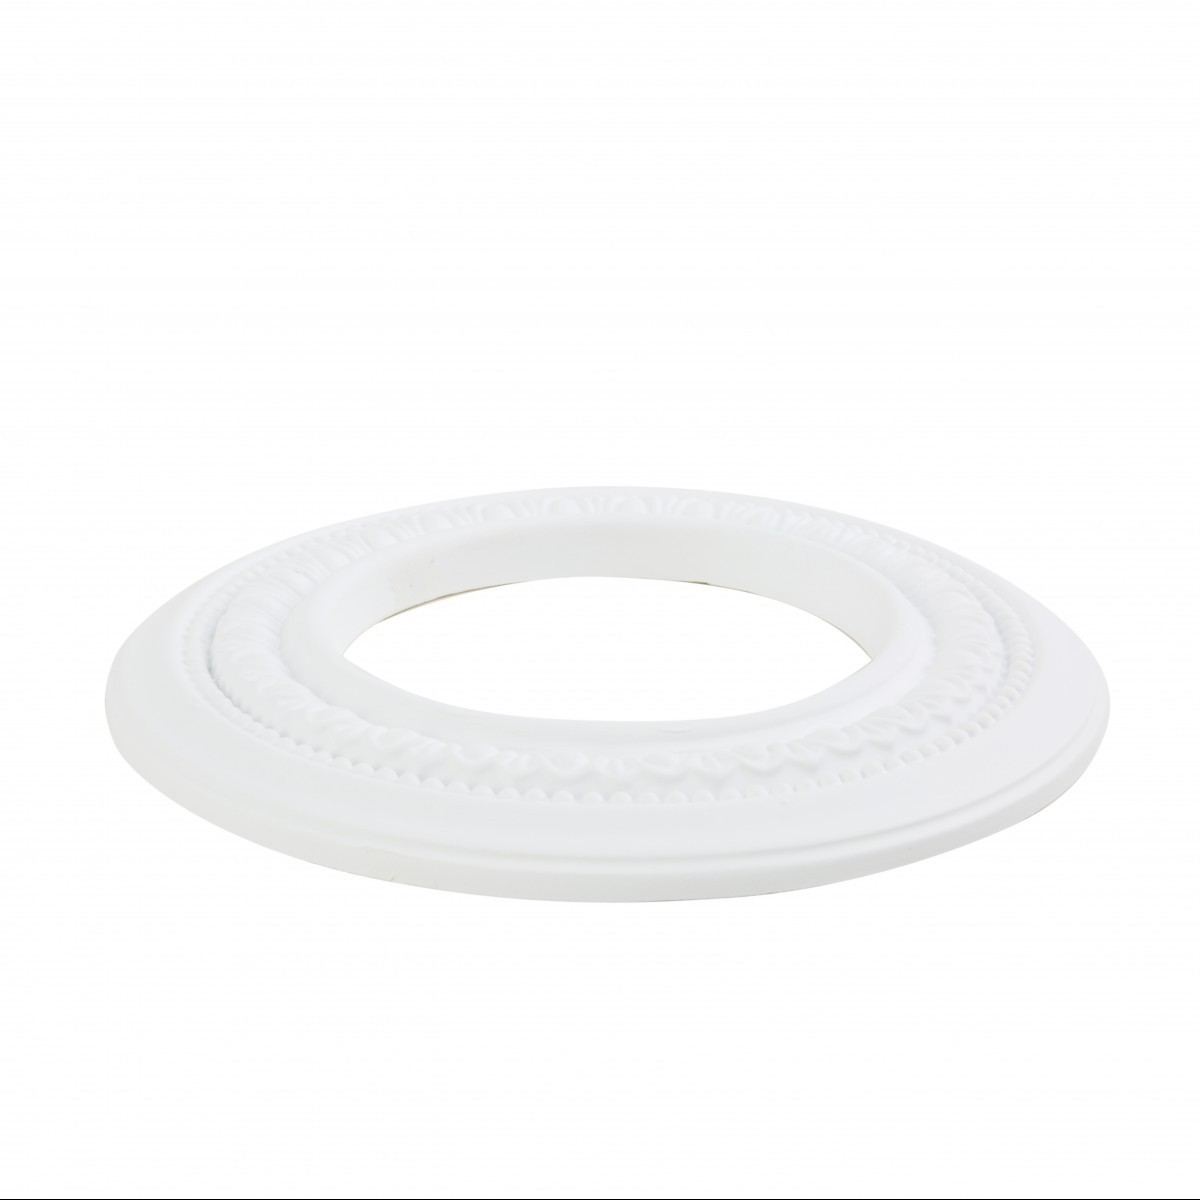 5 Spot Light Ring White Trim 5 ID x 9 OD Mini Medallion Light Medallion Light Medallions Lighting Medallion